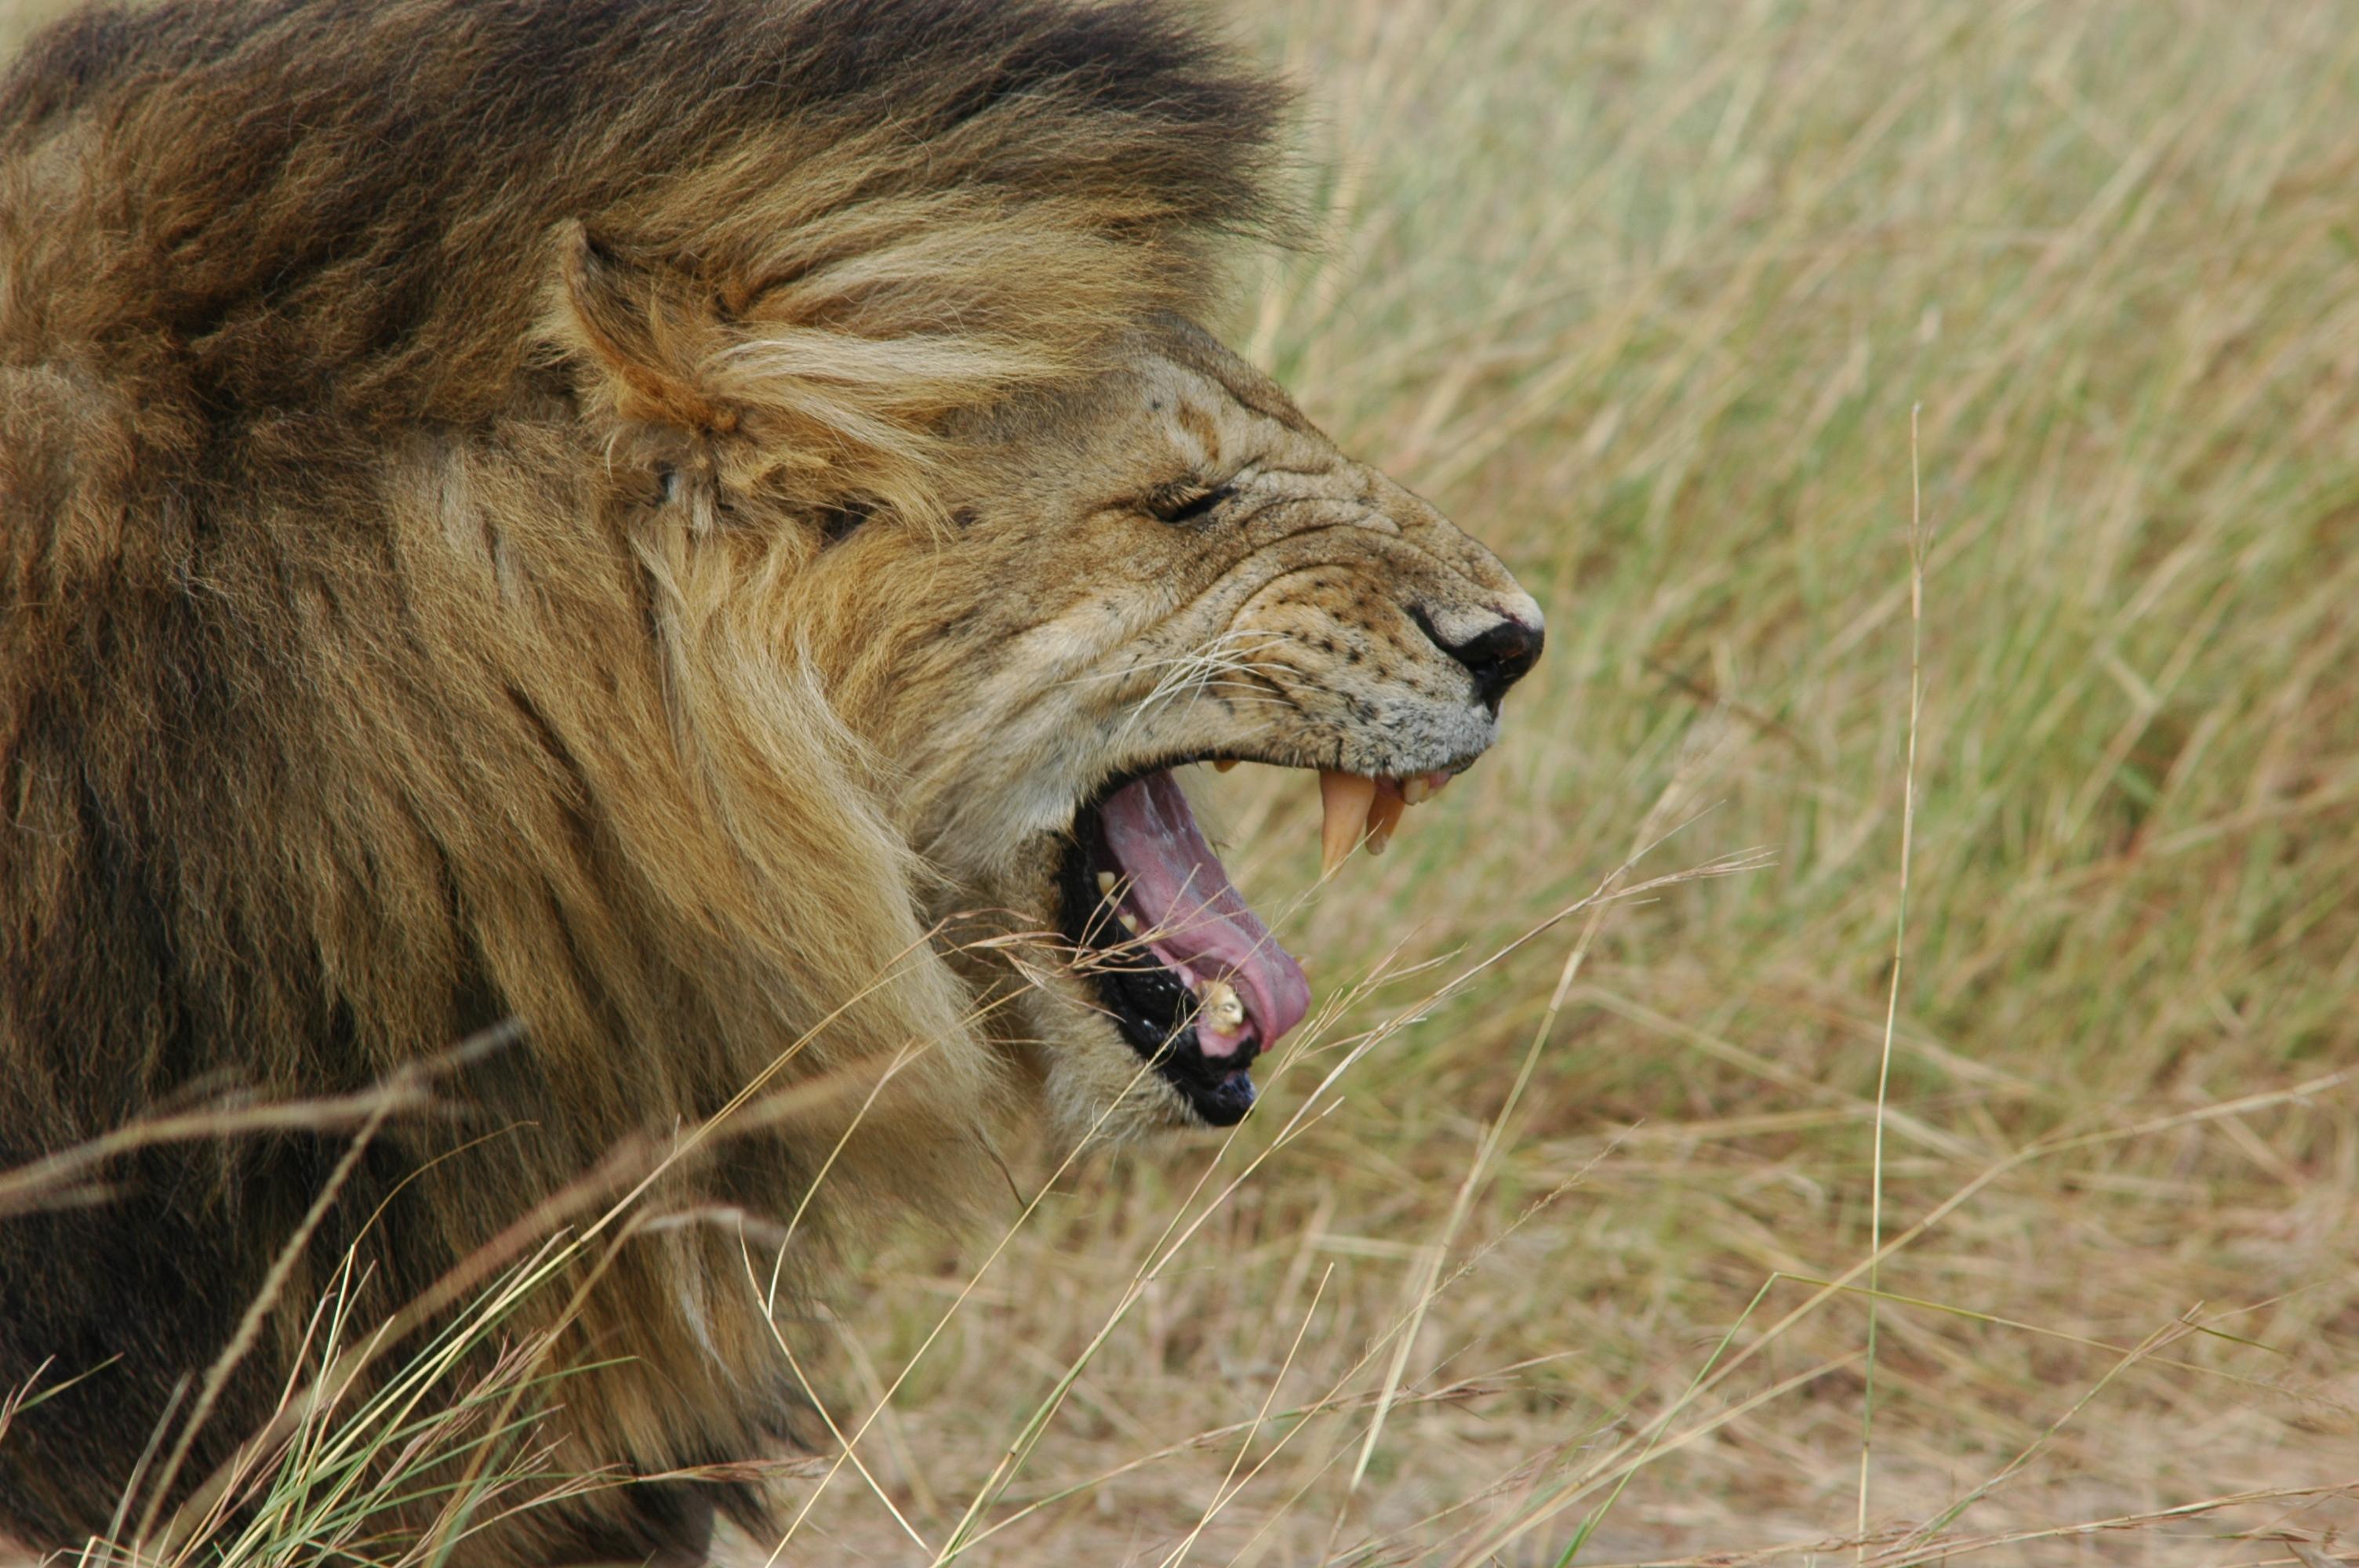 Lion side view face roar - photo#2